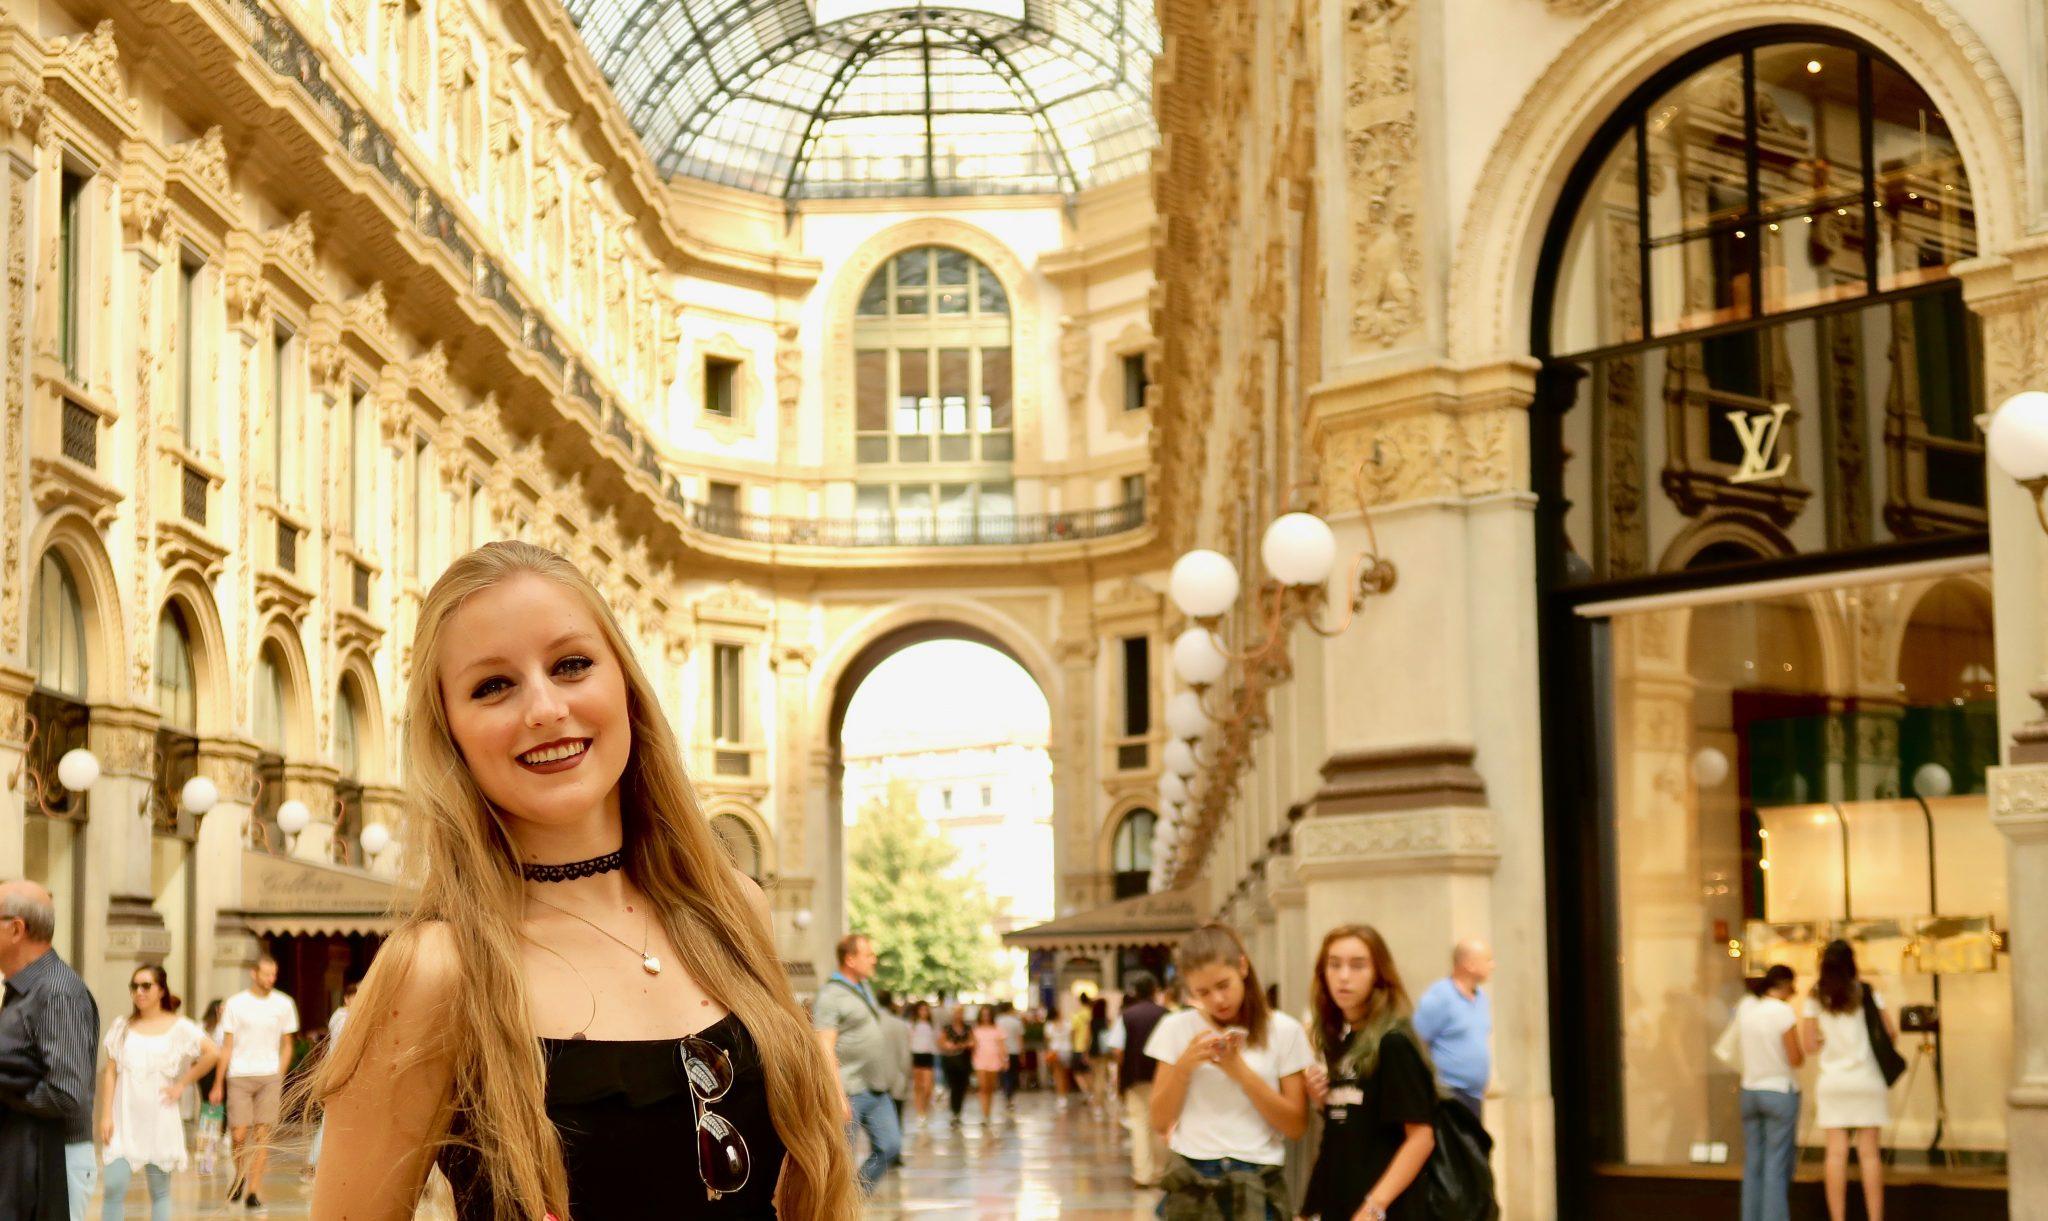 Mailand: Galleria Vittorio Emanuele II (hier befinden sich nur Luxusgeschäfte, bring genügend Geld zumShoppen mit :P )